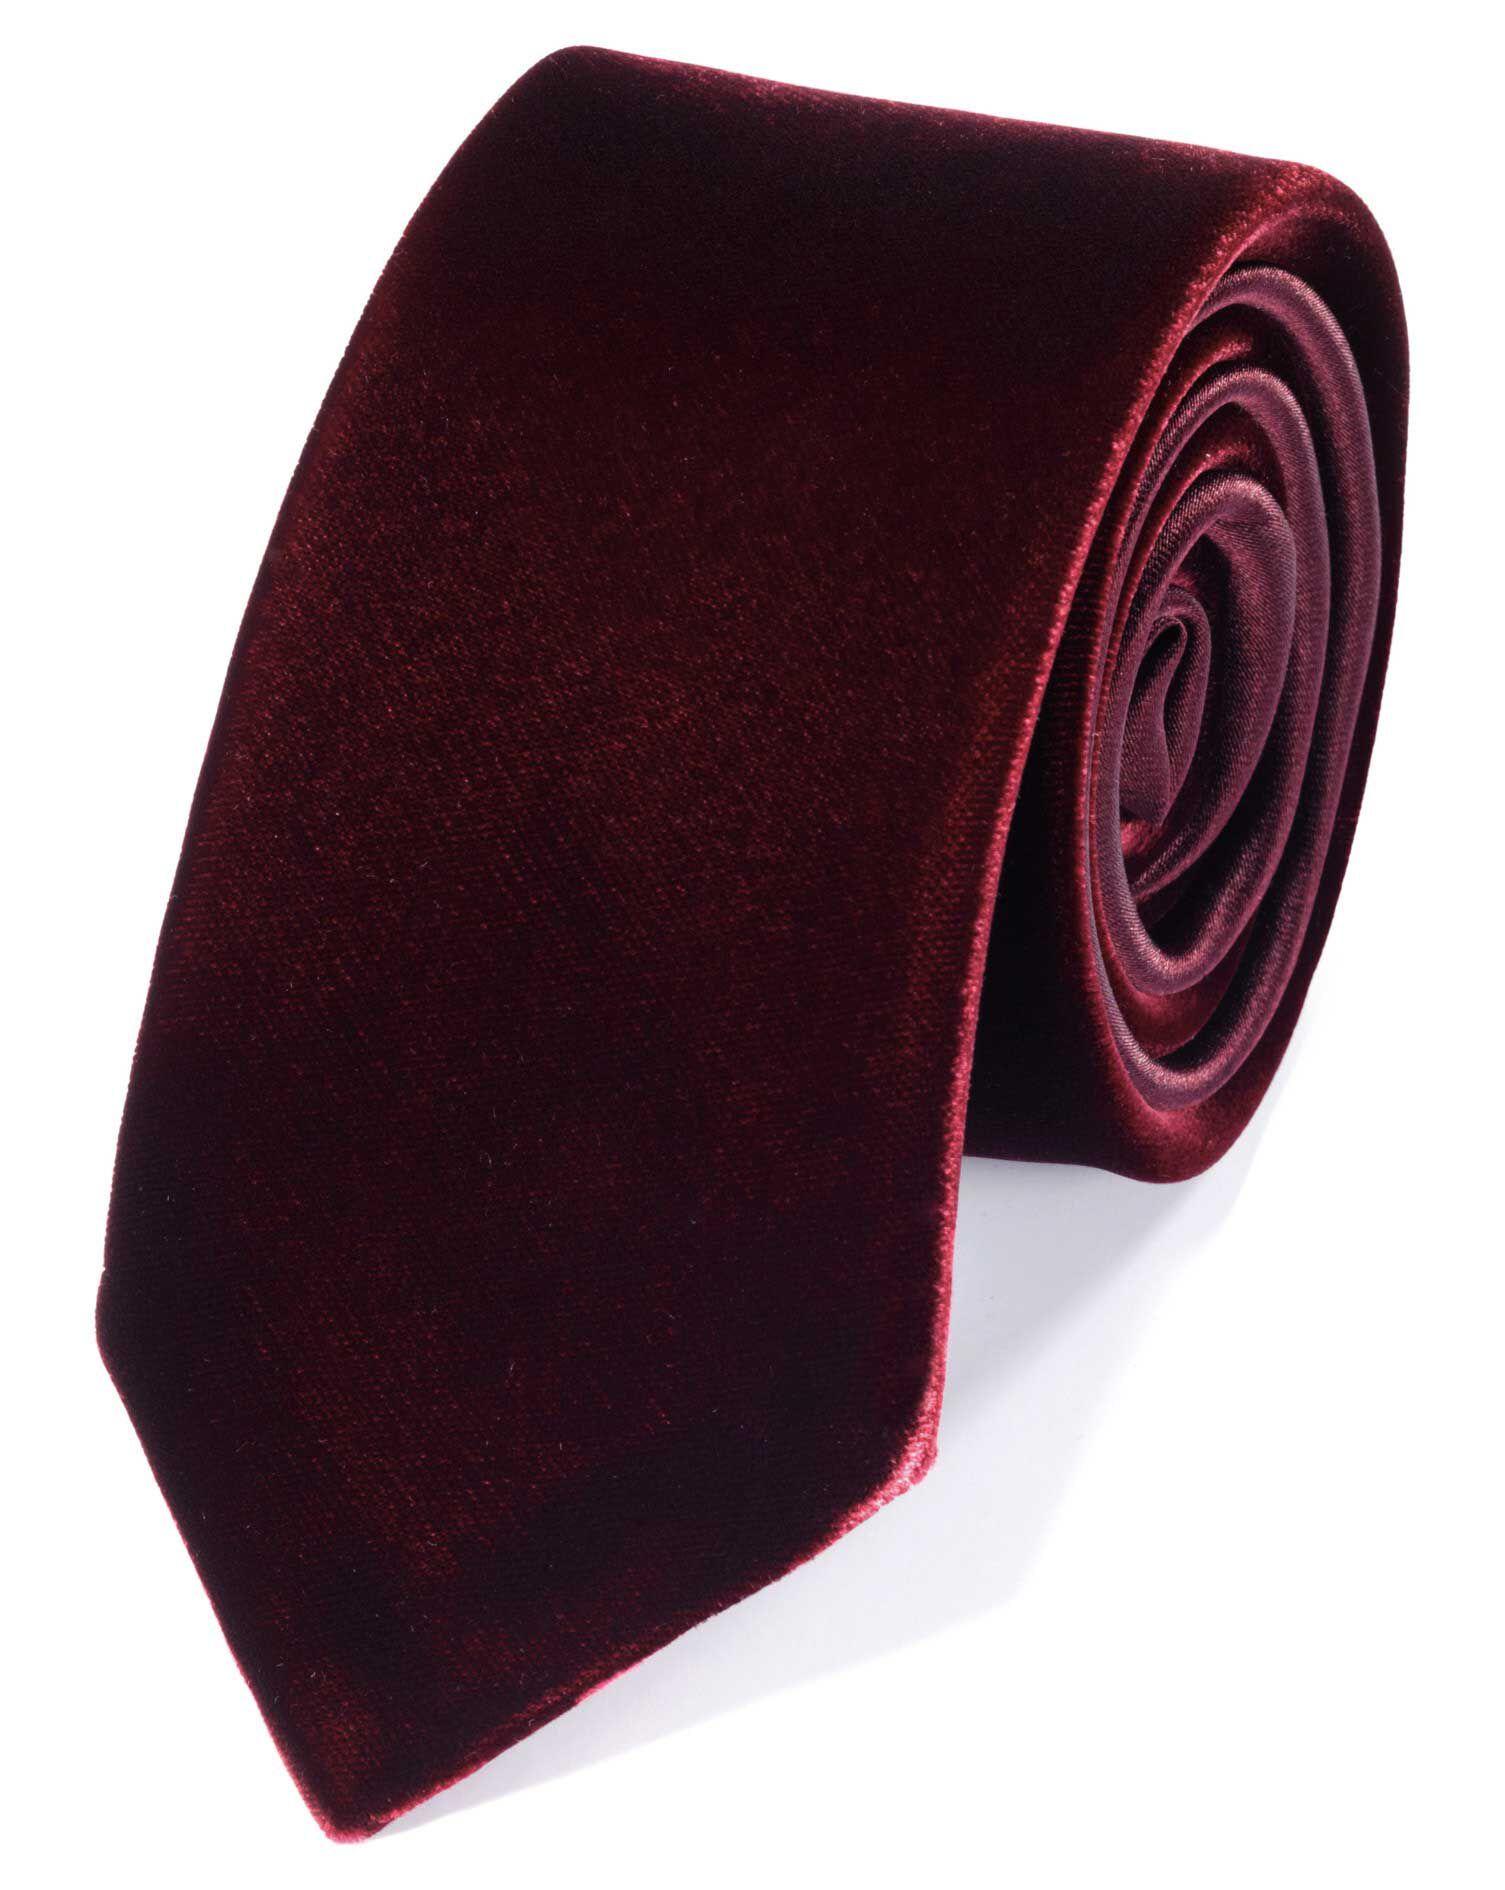 Burgundy Cotton Luxury Velvet Slim Tie Size OSFA by Charles Tyrwhitt